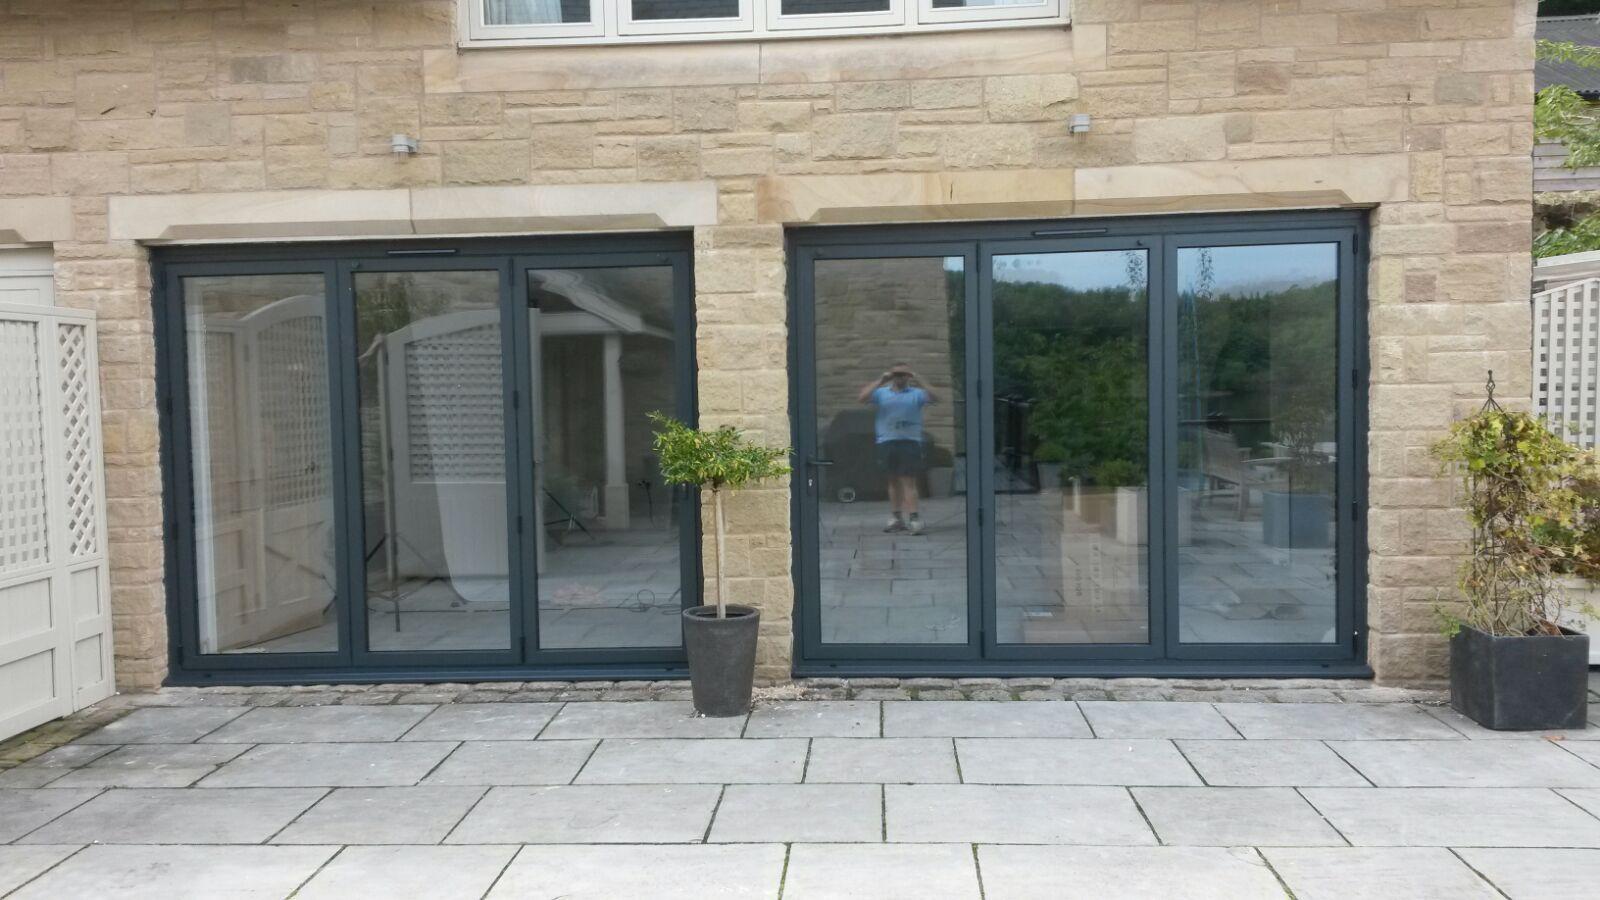 Stunning Aluminium Bi Folding Doors From Bi Folding Door Prices Design Price And Order Instantly Online Available Wit Bifold Doors Sliding Door Panels Doors